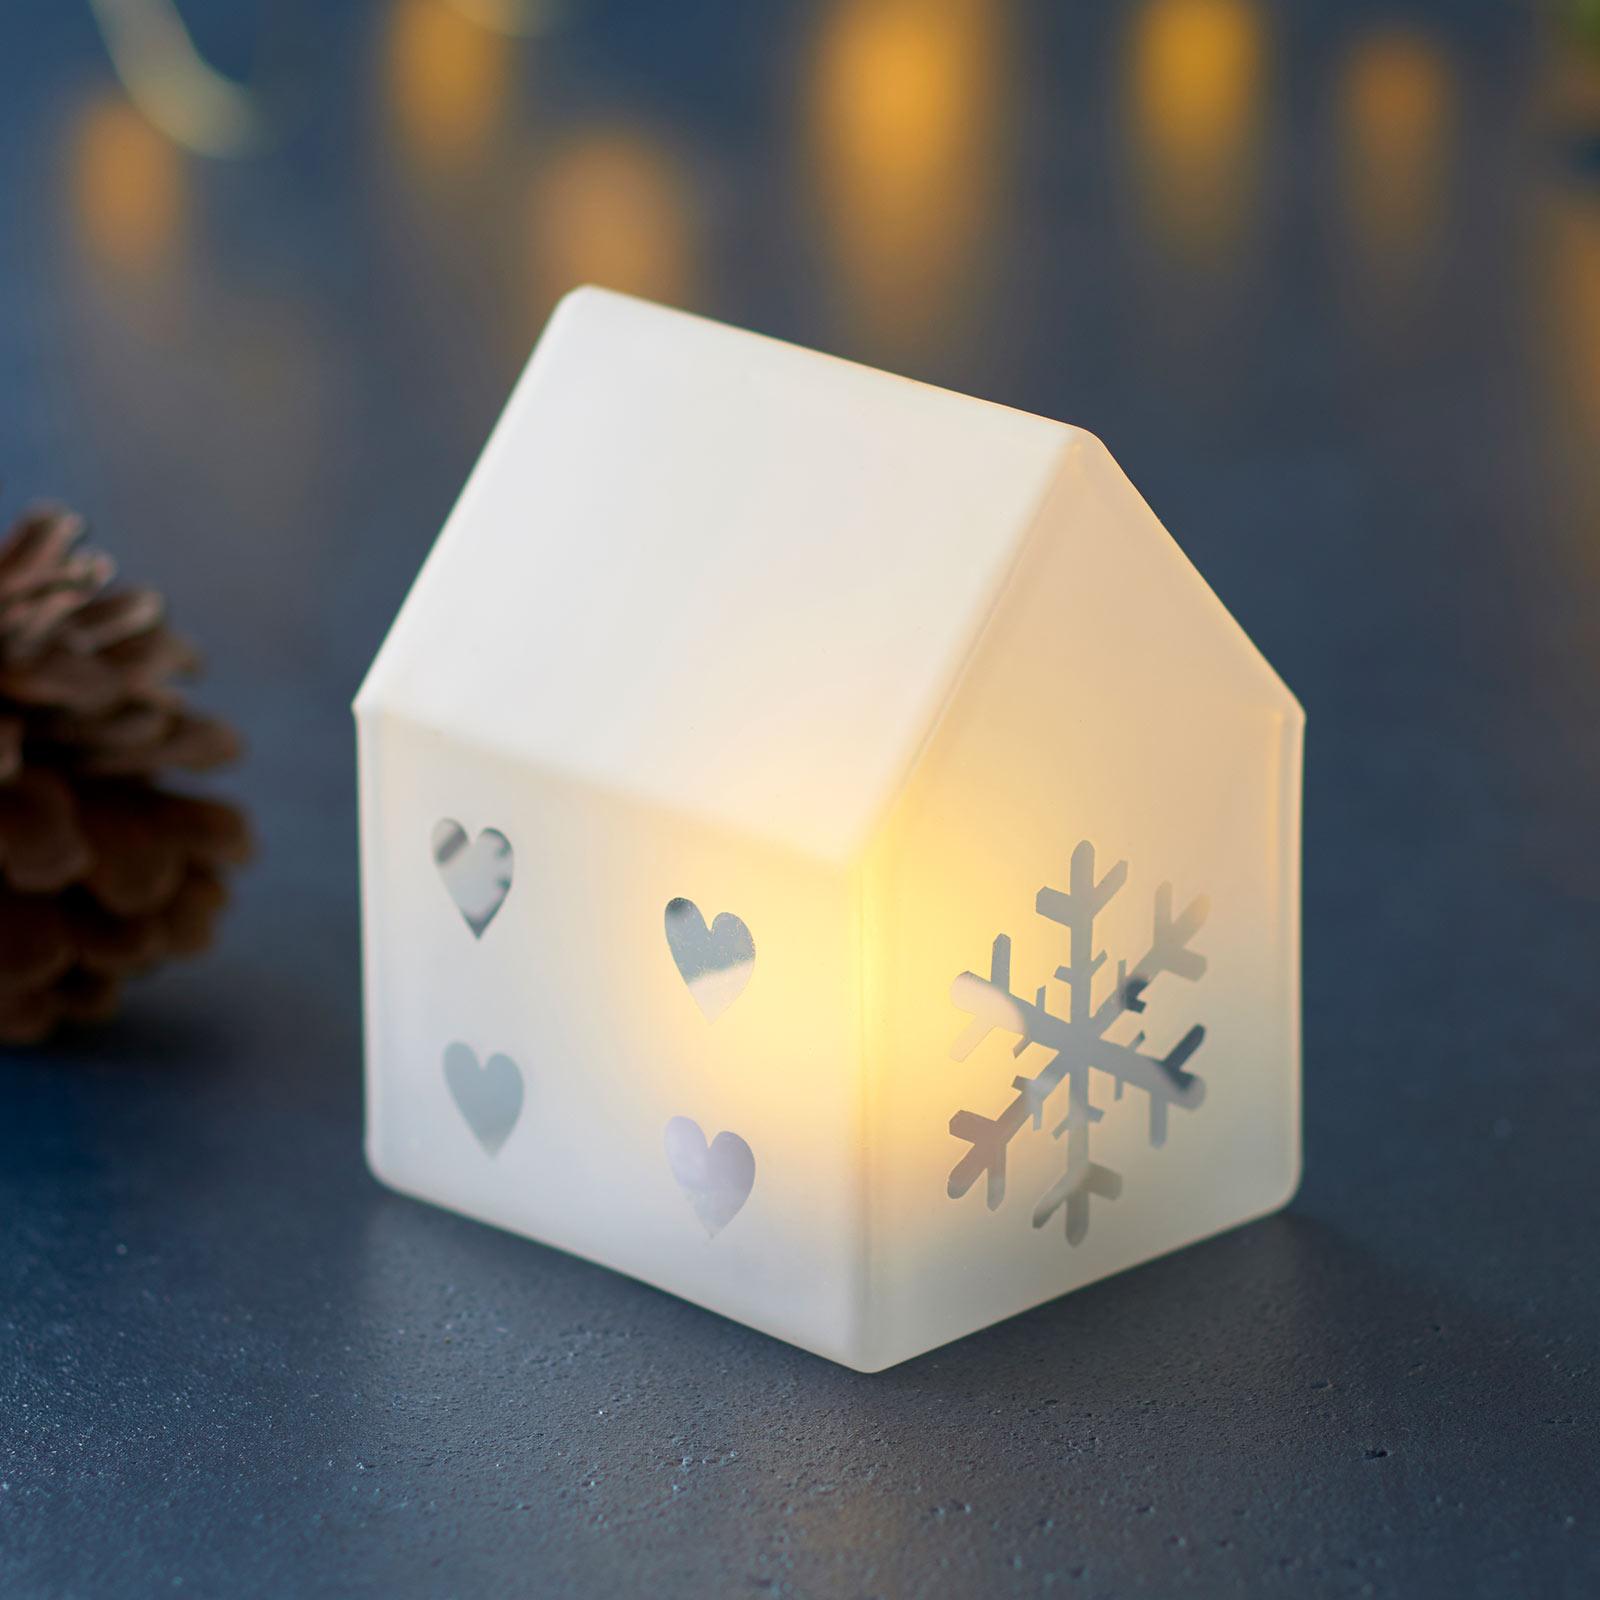 LED sfeerlamp Santa House, hoogte 8,5 cm